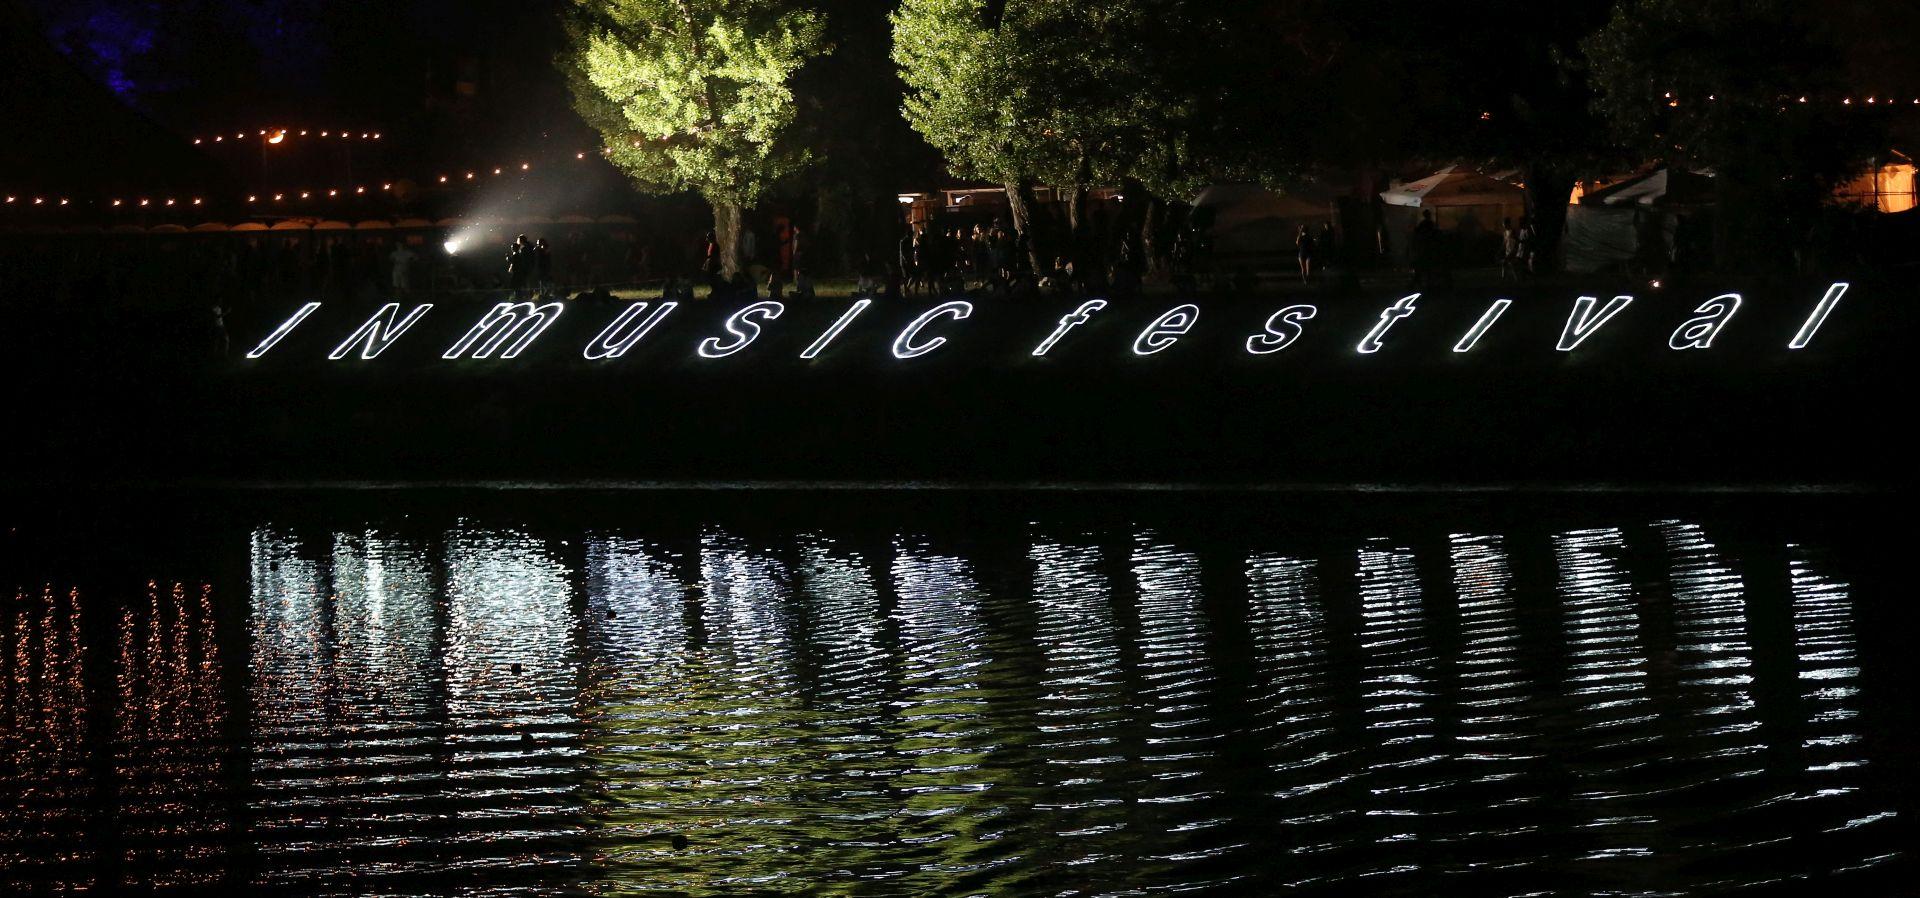 INMUSIC FESTIVAL Završnica dosad najposjećenijeg festivala na ljetni solsticij